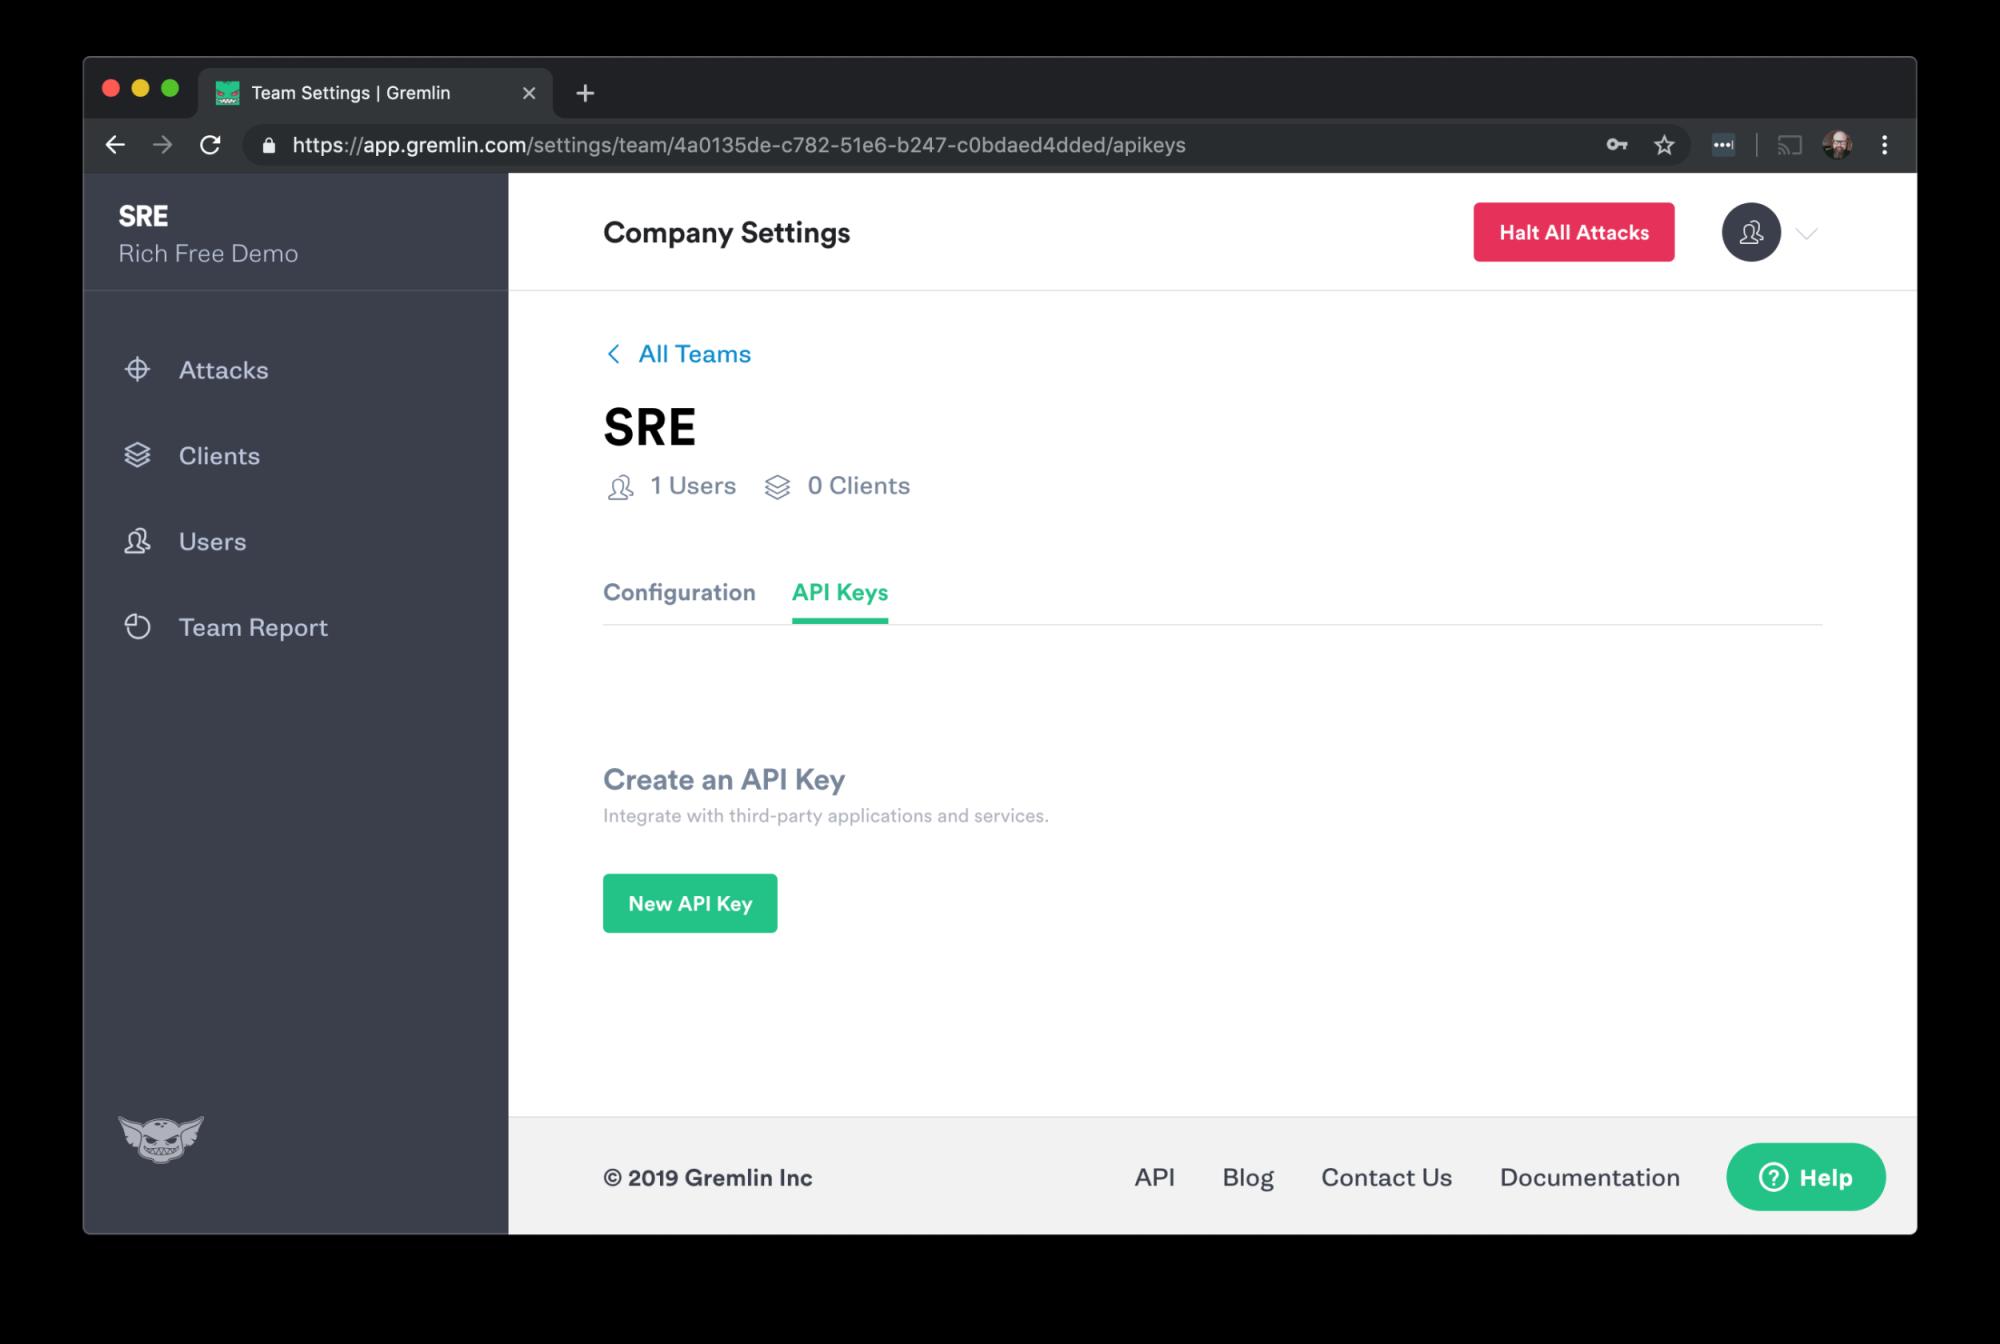 New API key